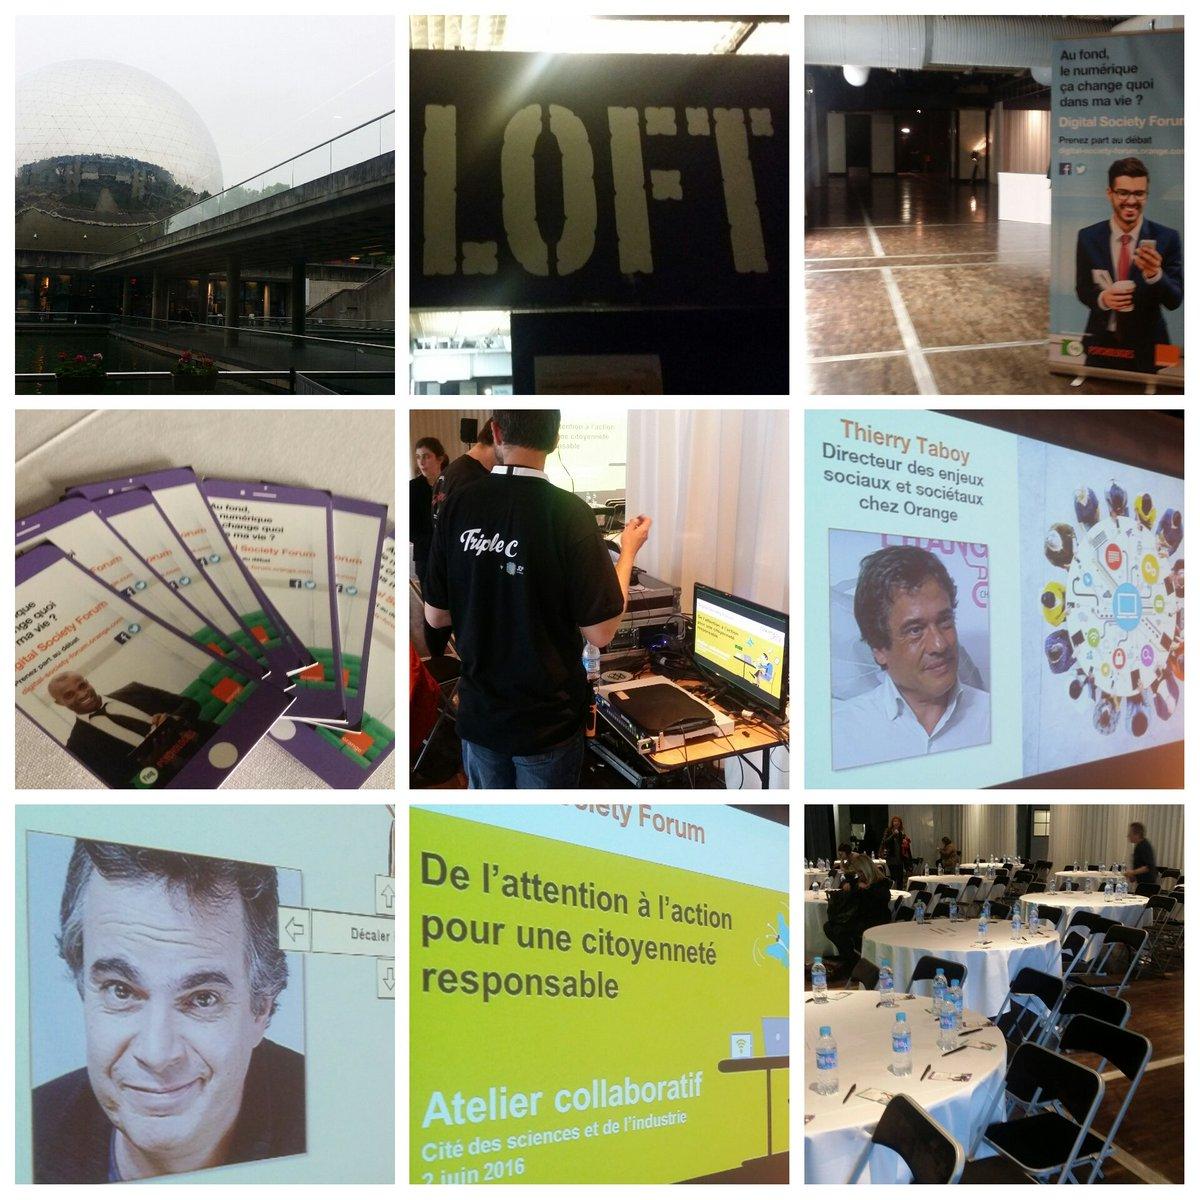 Thumbnail for De l'attention à l'action : Atelier #DSF au Forum #ChangerdEre #Empowerment